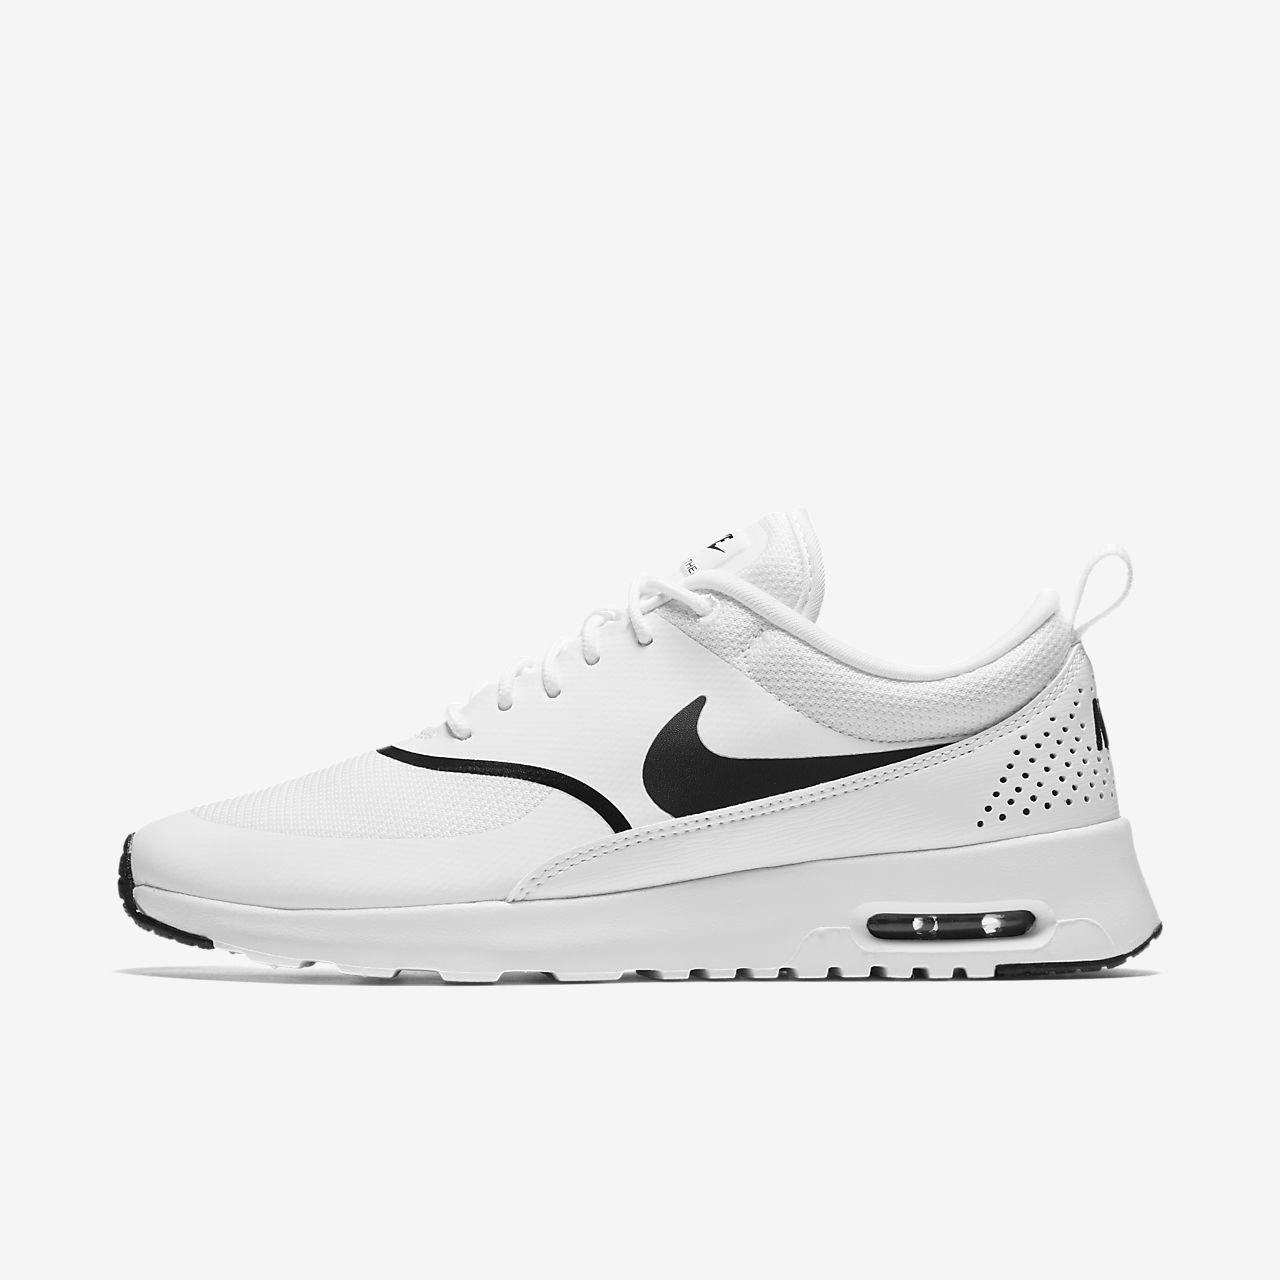 8577148bc82 Nike Air Max Thea Damesschoen. Nike.com NL